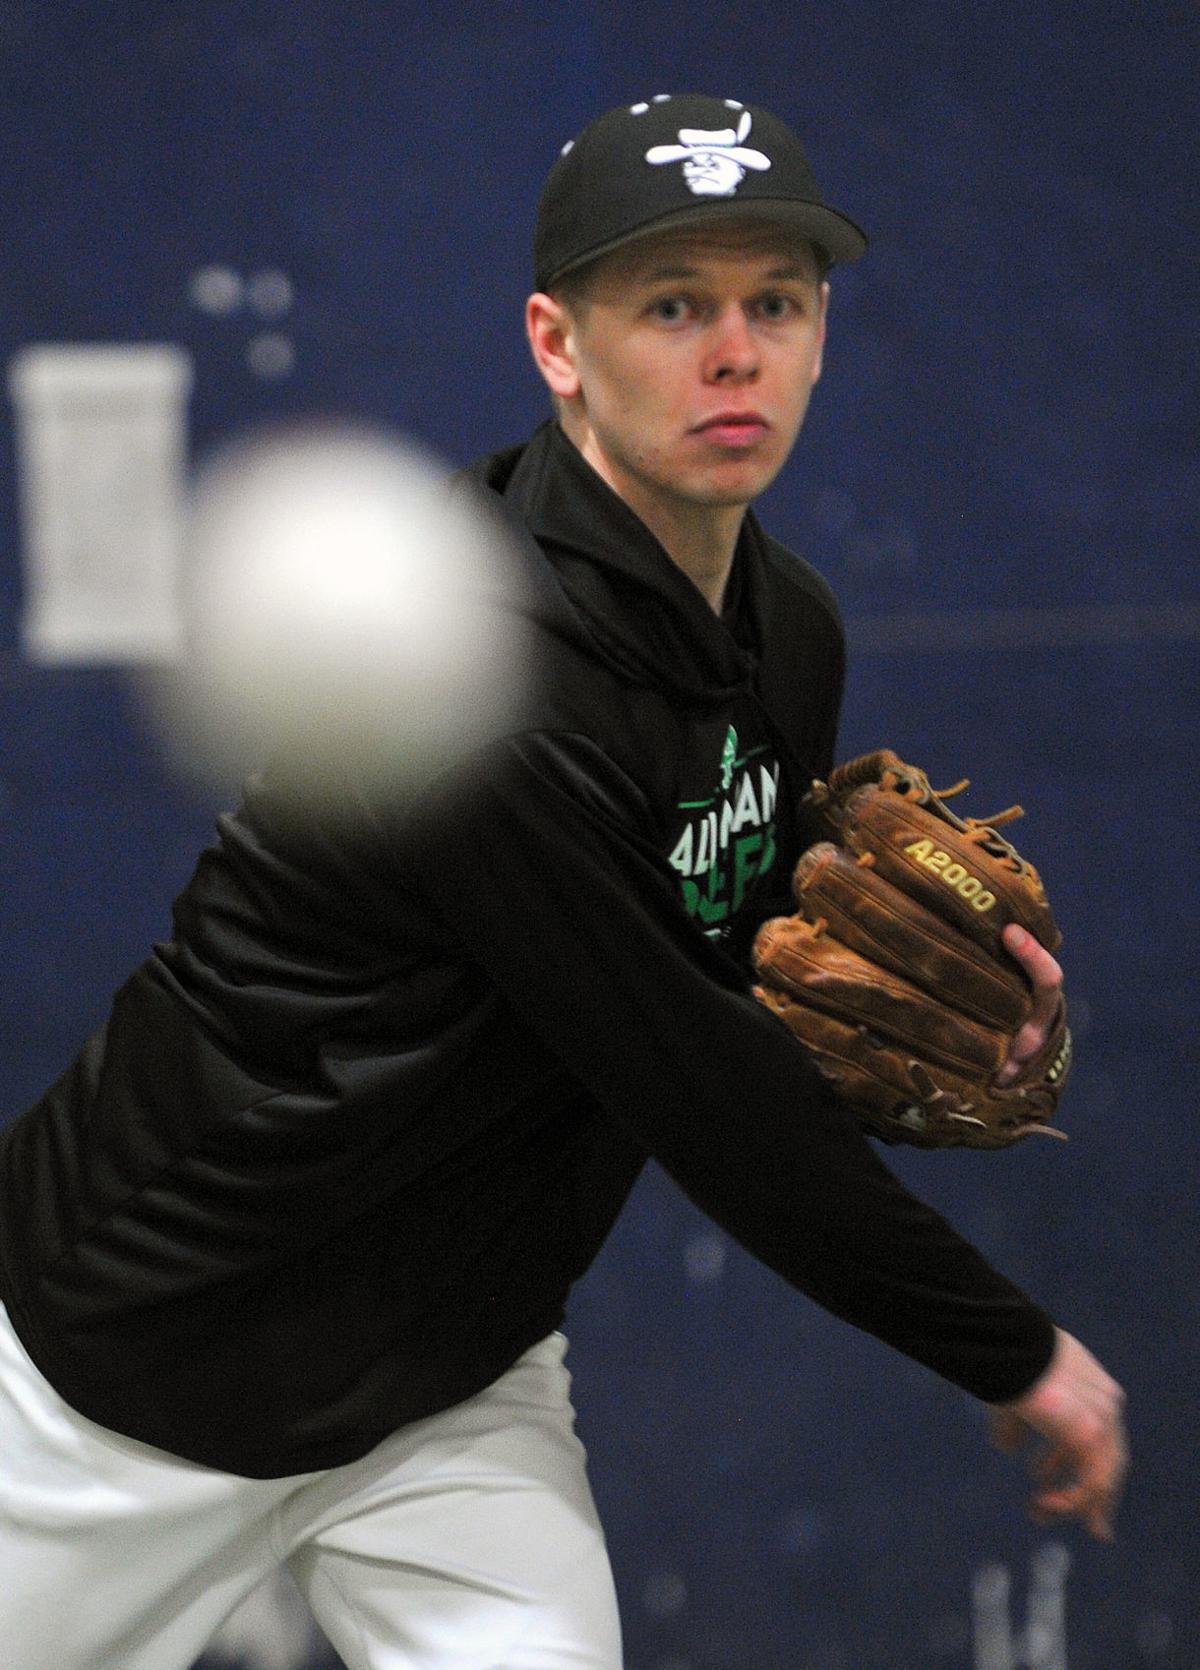 Alleman baseball player Sam Mattecheck